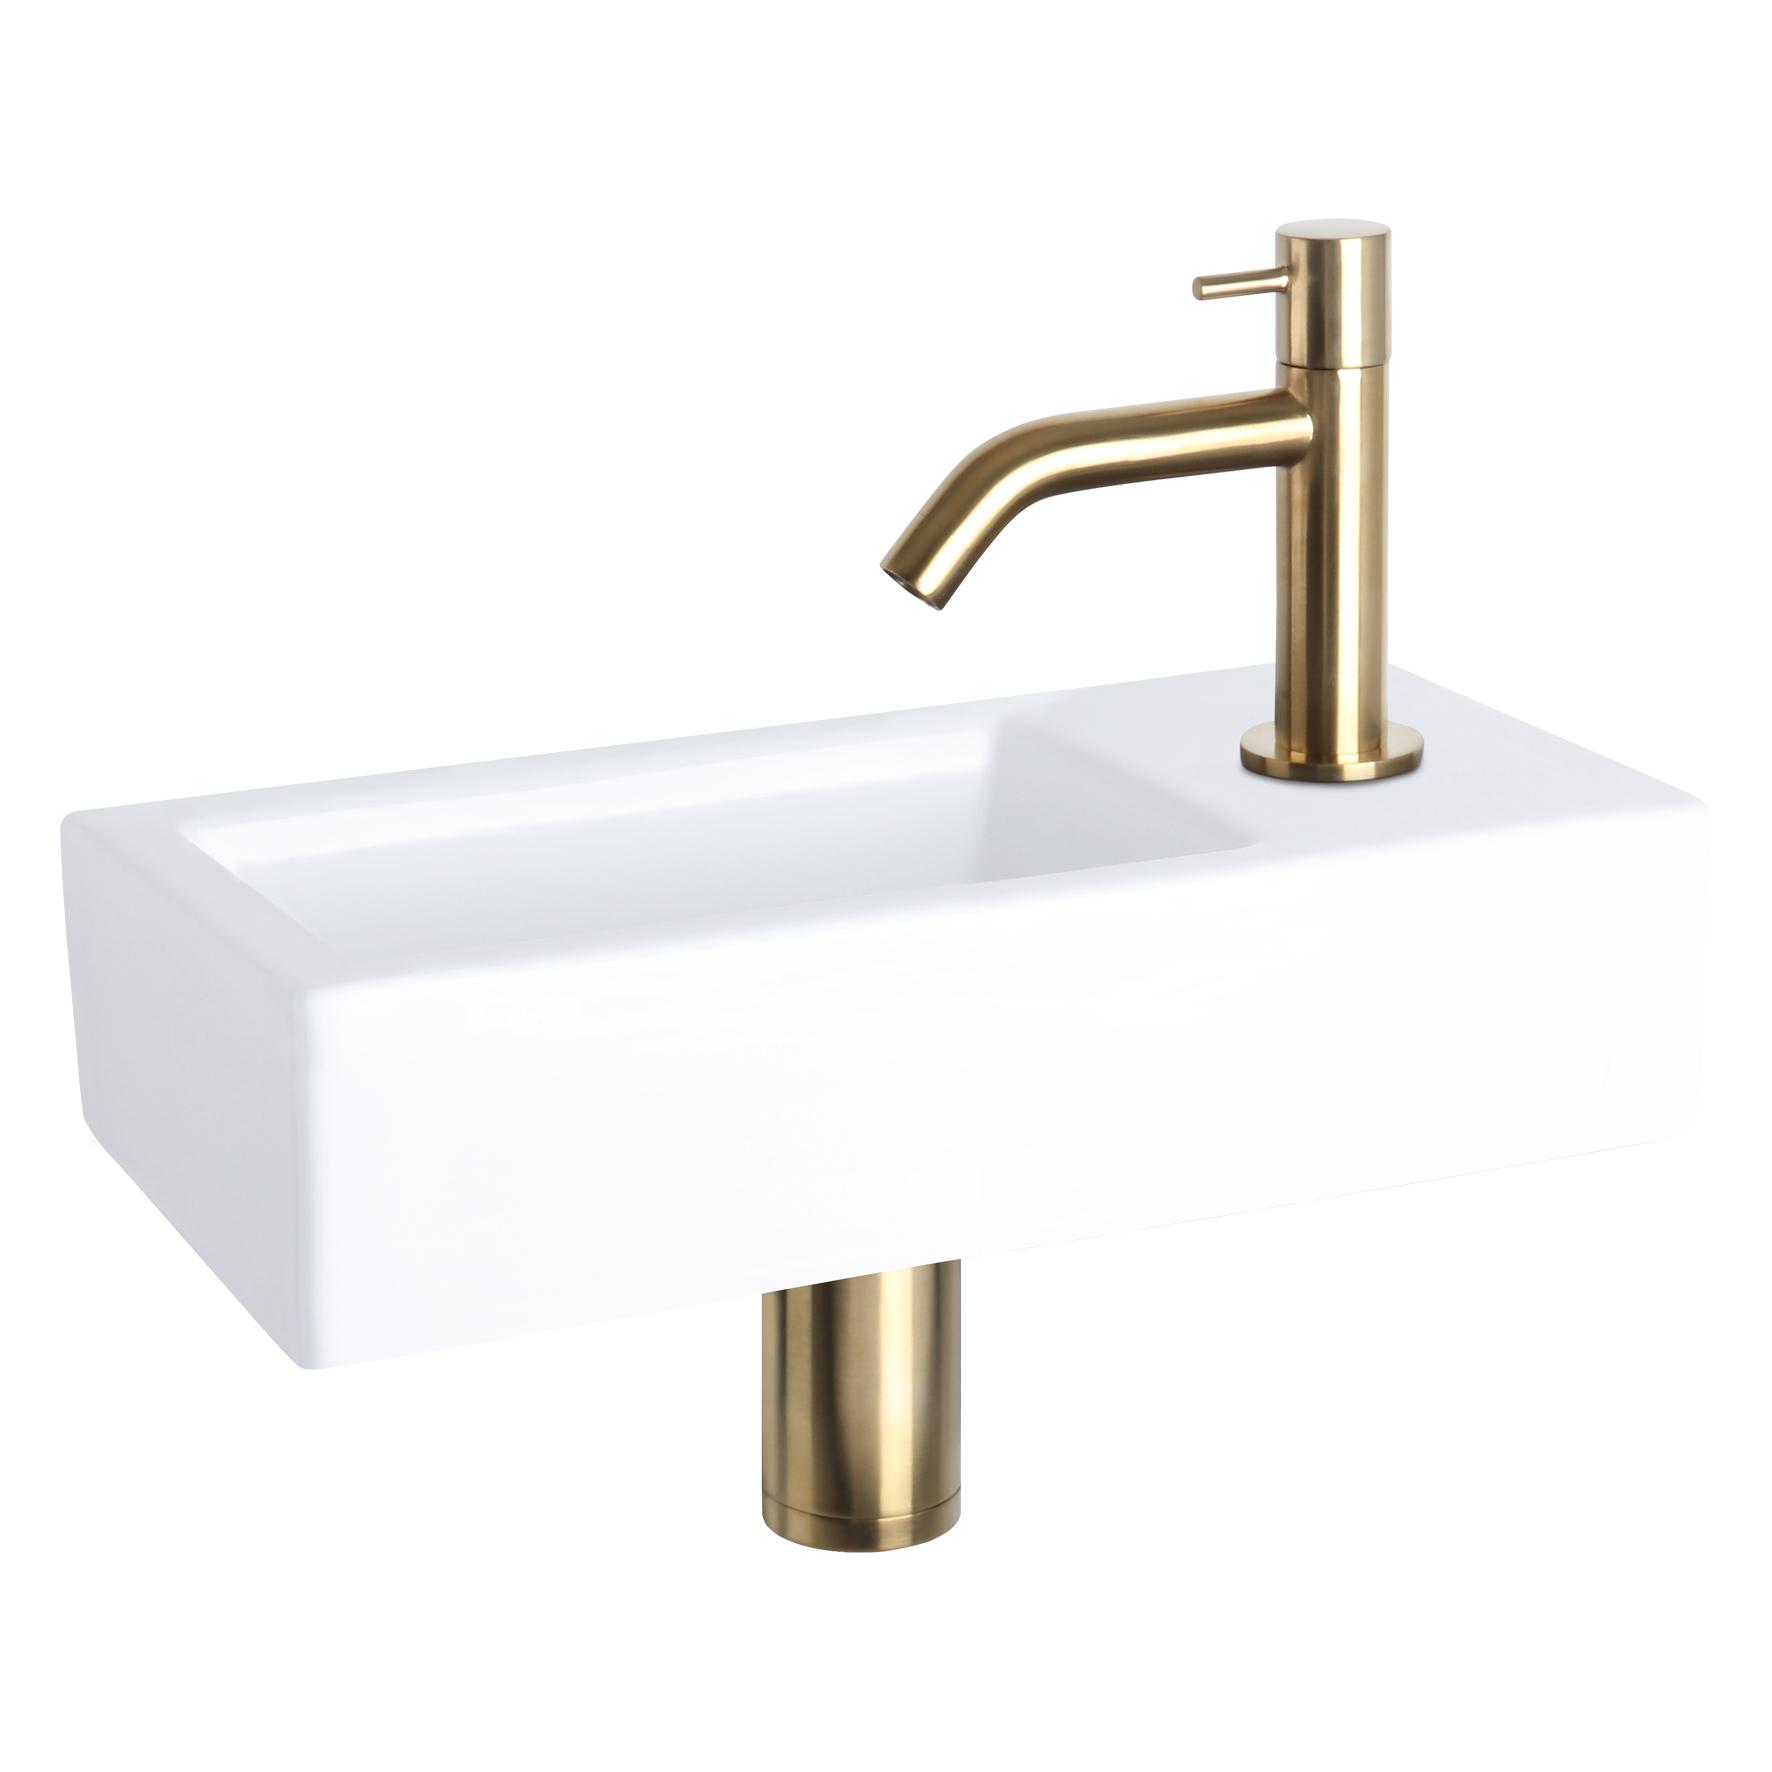 Ravo fonteinset - Keramiek - Kraan gebogen mat goud